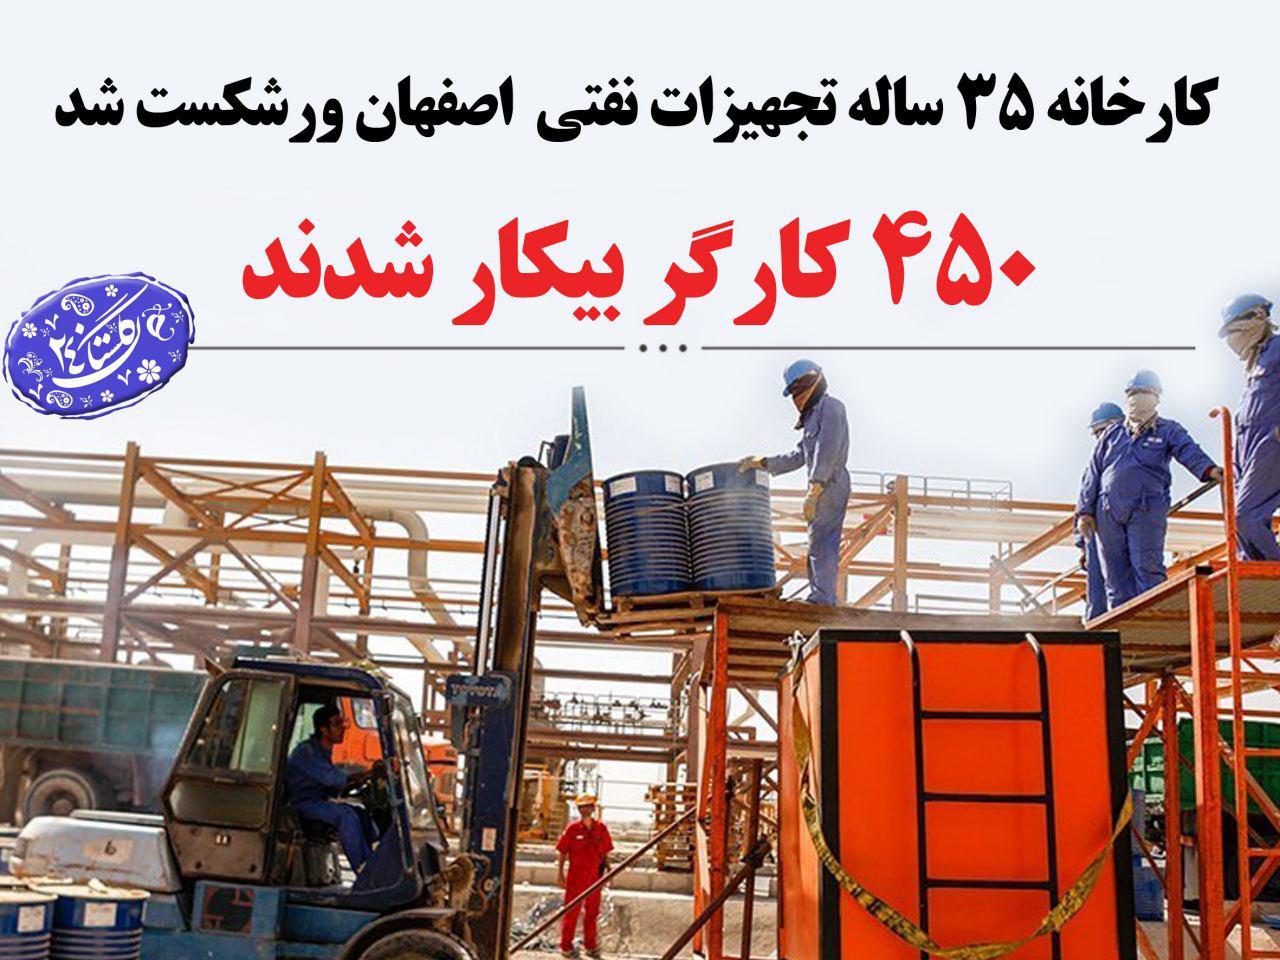 ورشکستگی کارخانه اصفهان